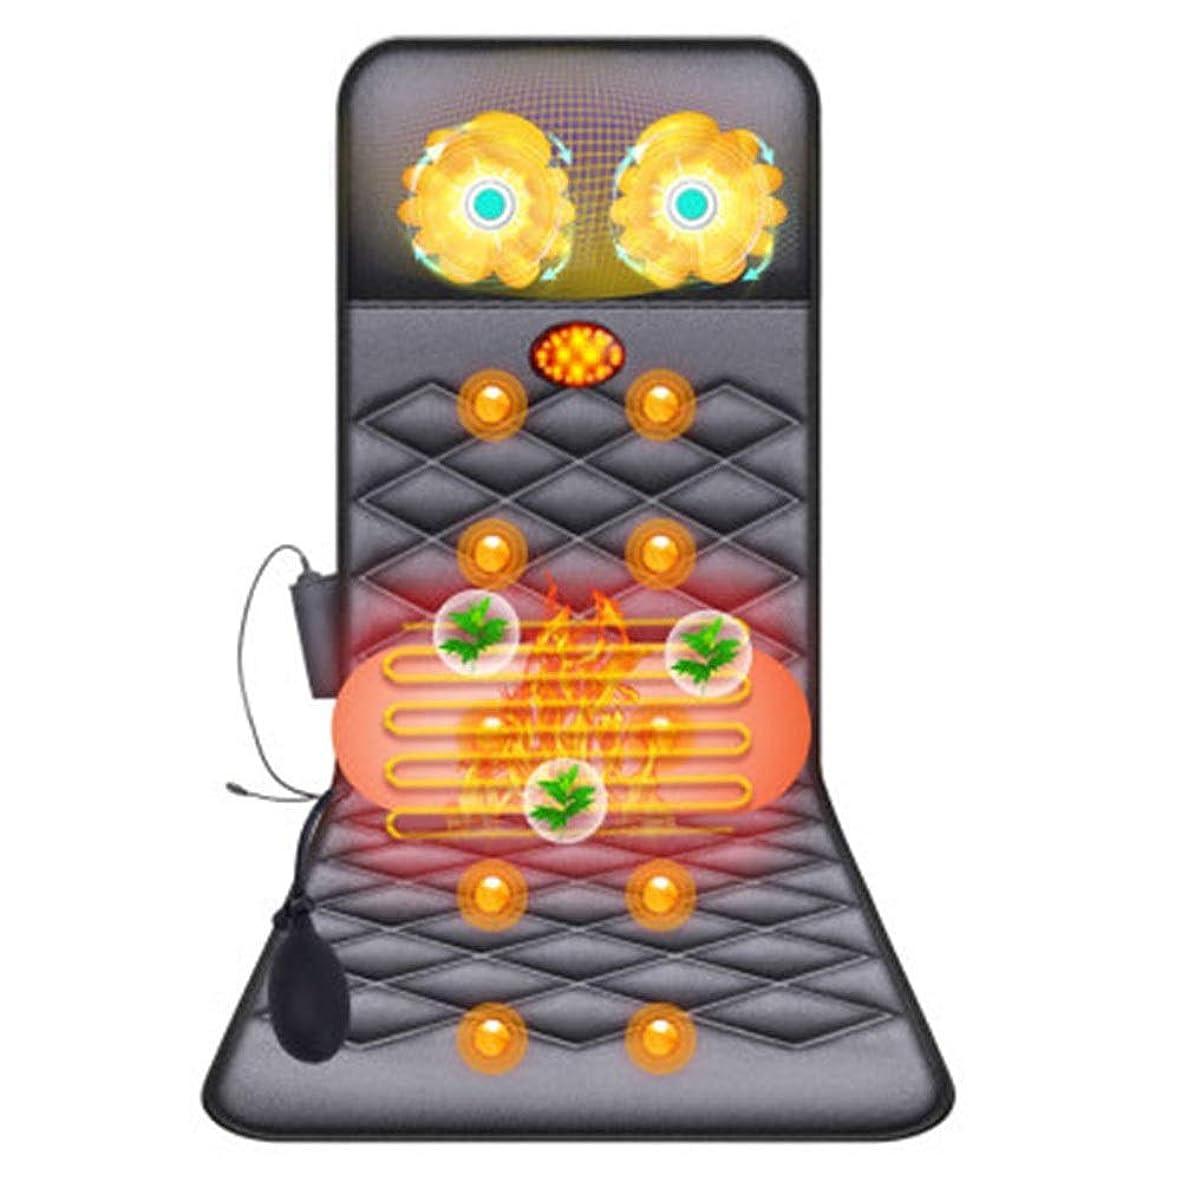 ペネロペお酢六月マッサージマットレス フルボディ暖房マッサージマットレス多機能電気マッサージパッドポータブル家庭用電気マッサージマットレス 多機能熱電赤外線加熱マッサージクッション (色 : Picture, サイズ : 173x61cm)